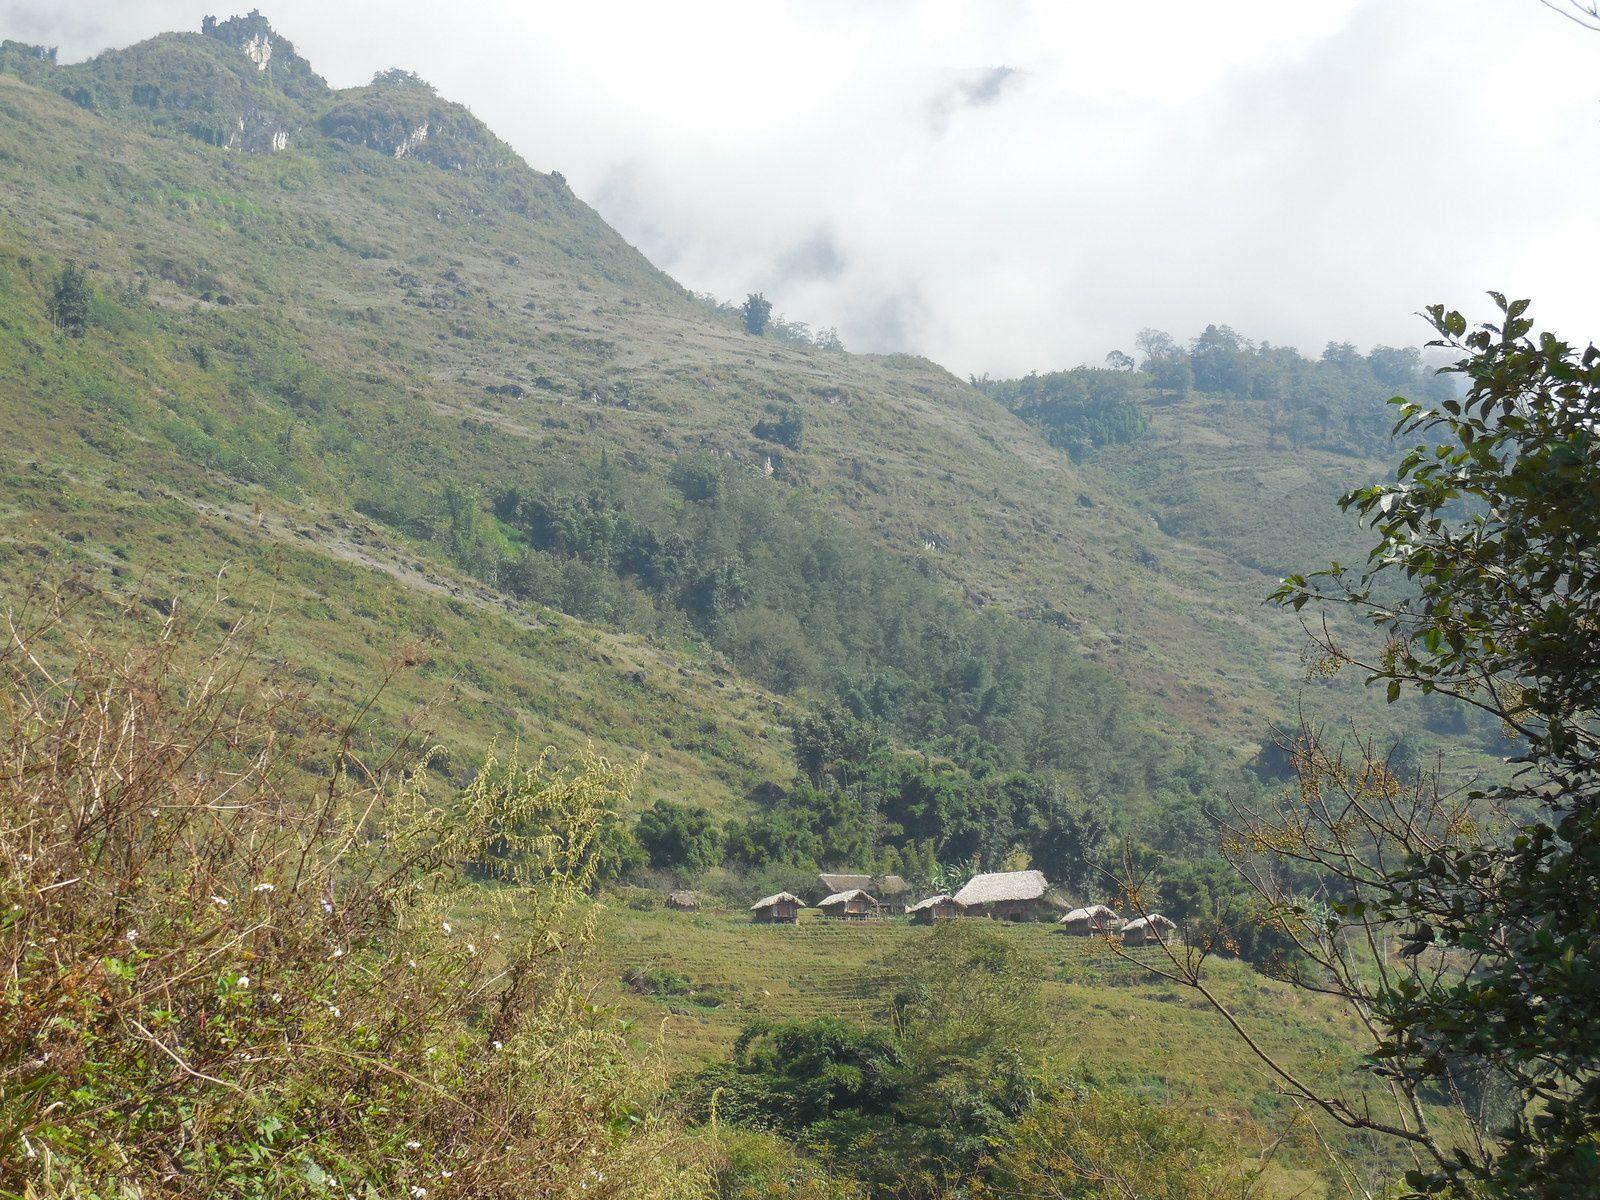 Viet Nam: 12ème journée - Les villages ethniques du nord